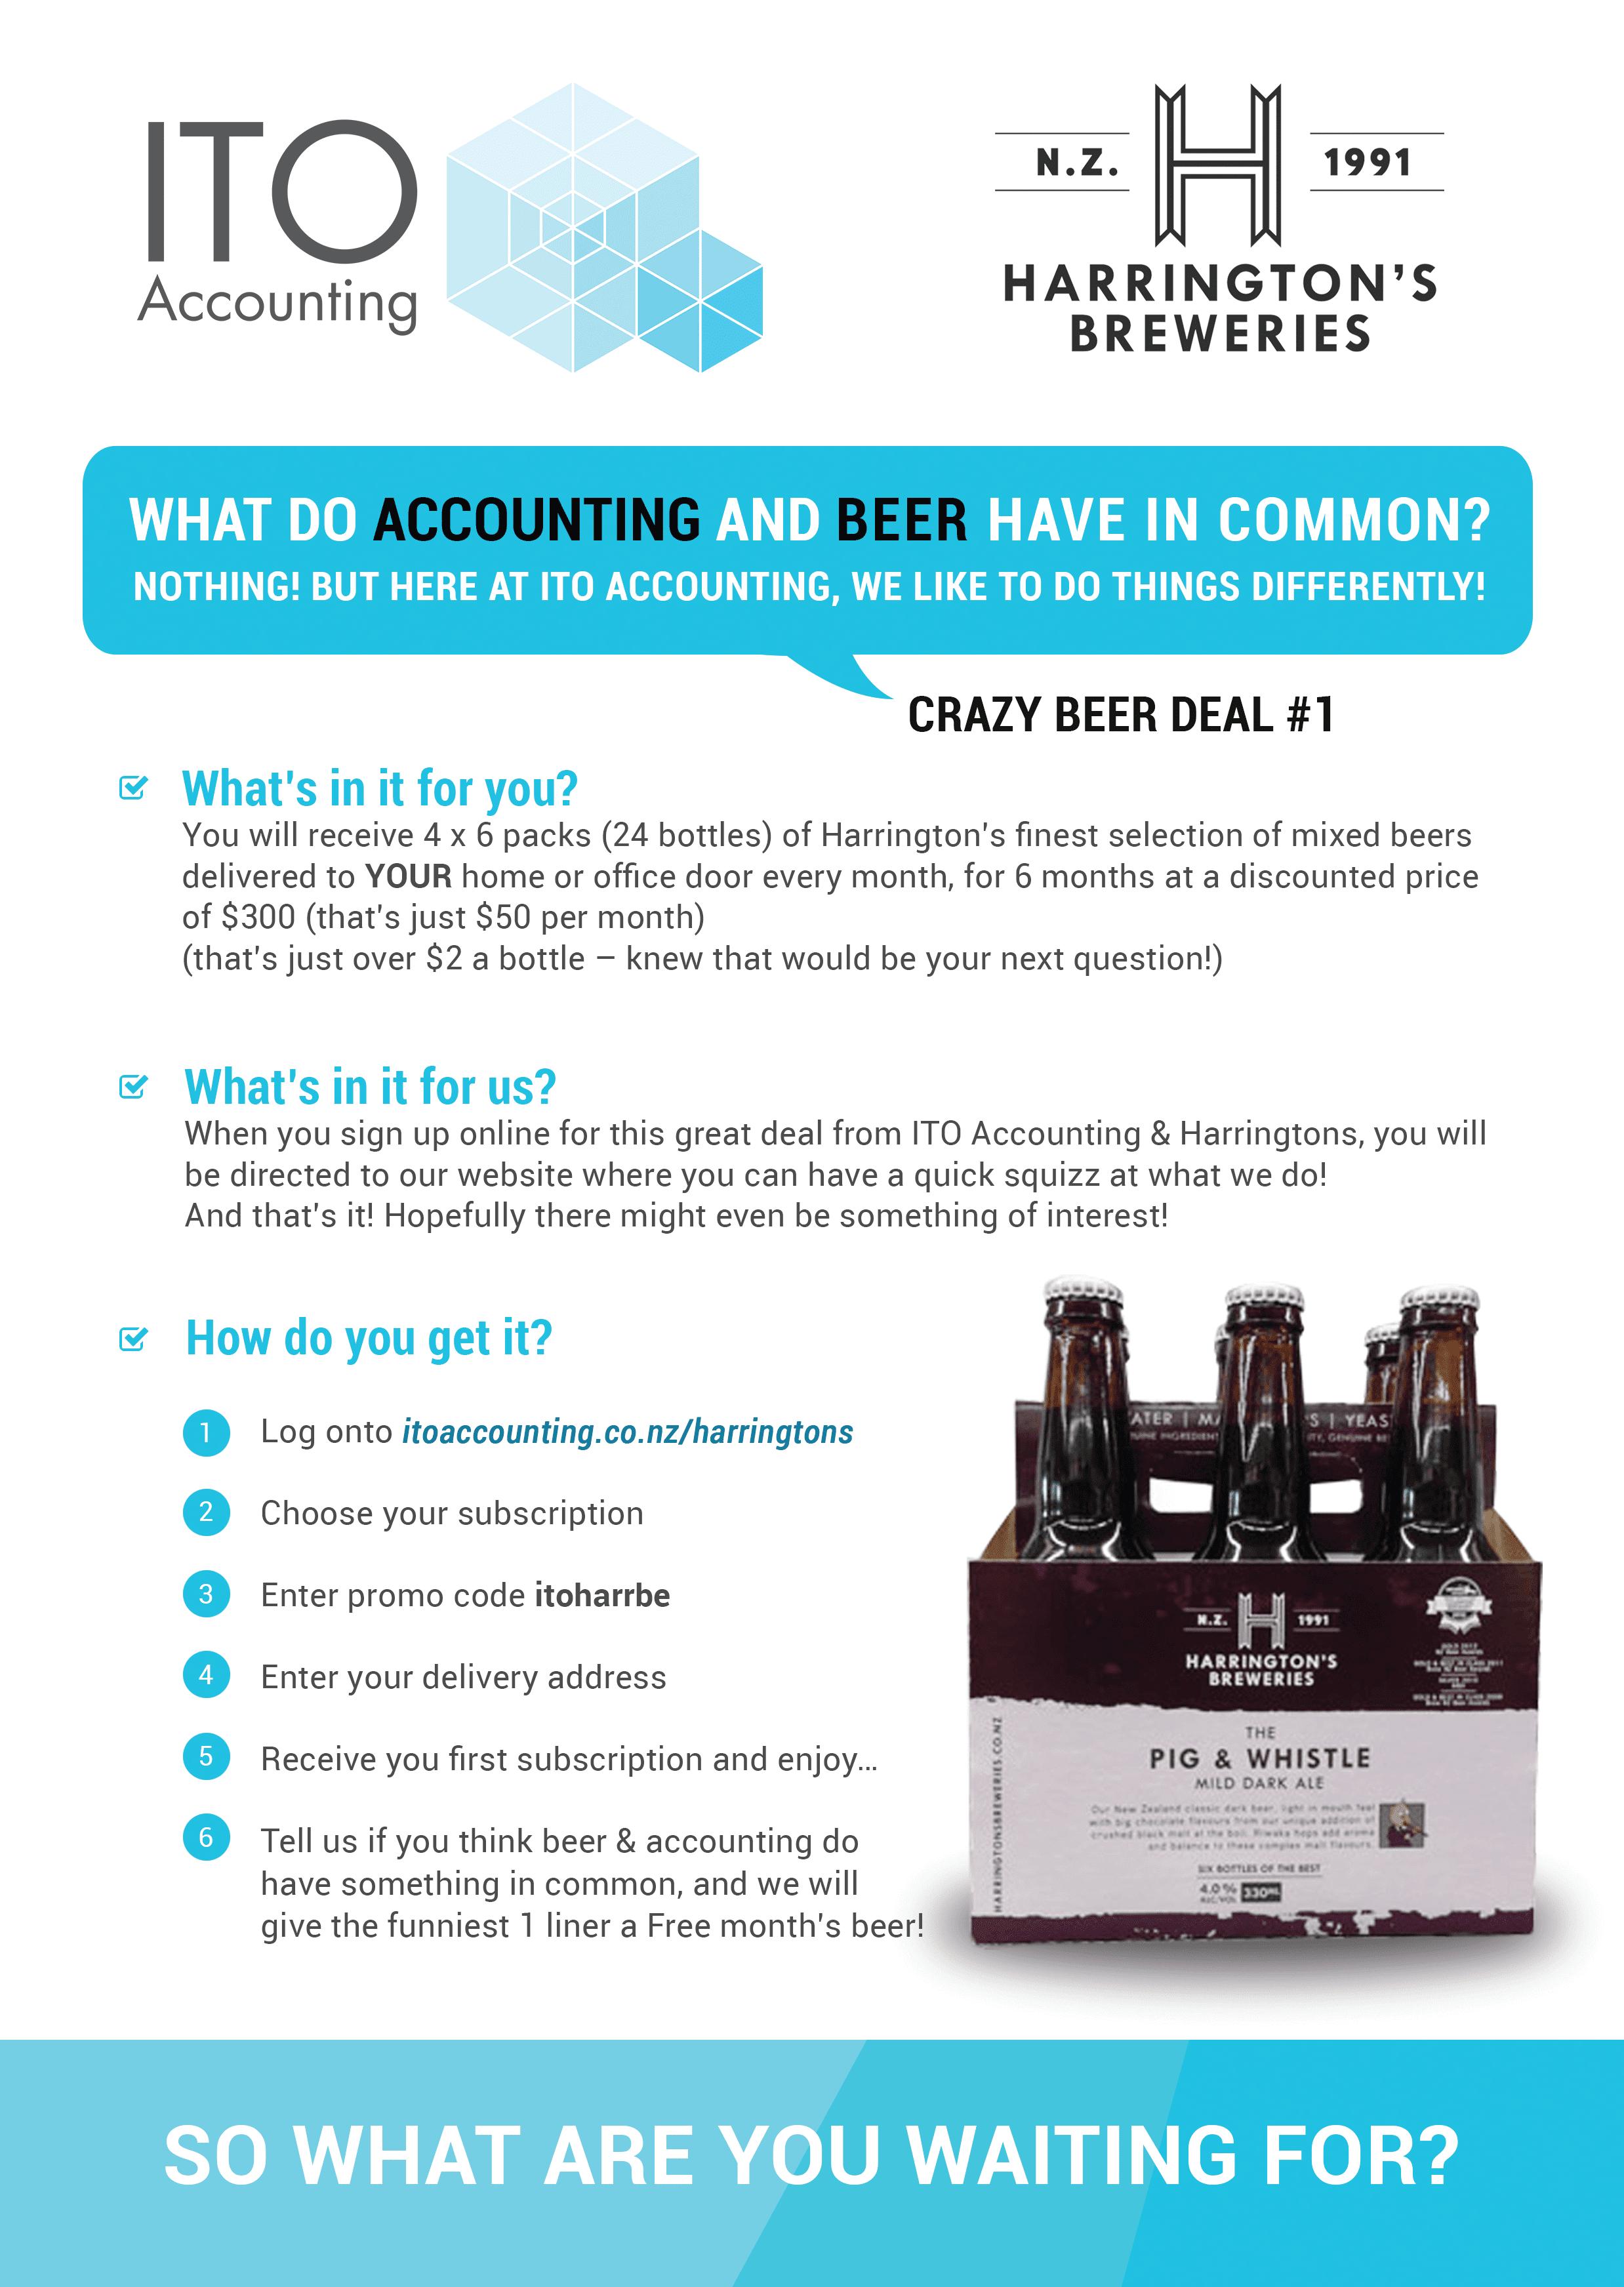 Crazy Beer Deal #1